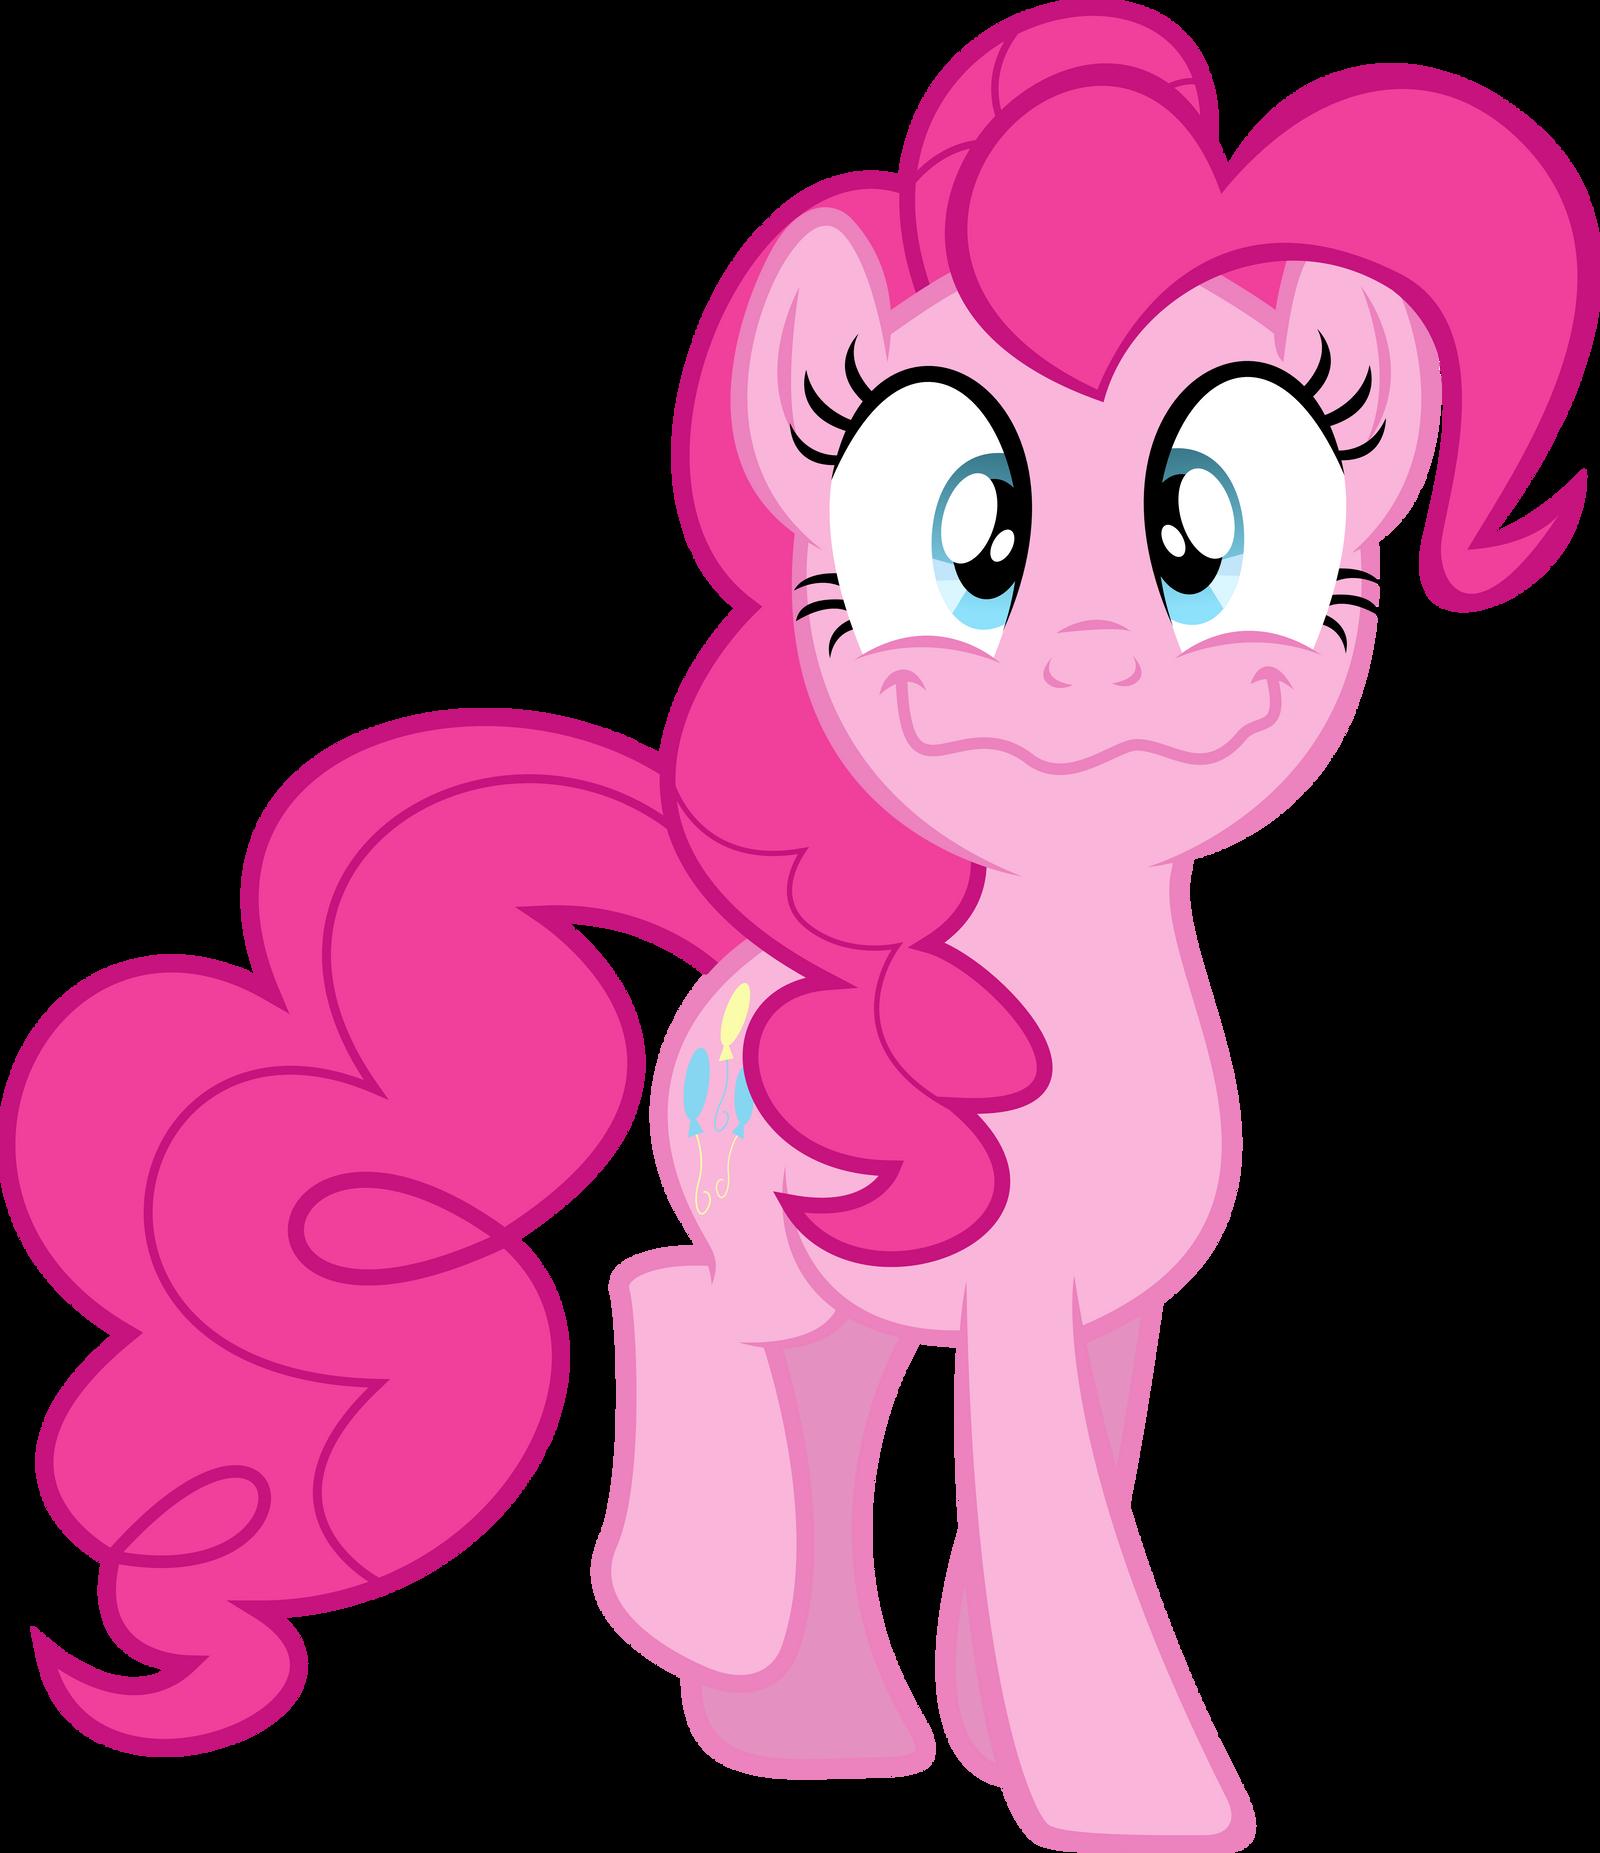 Nervouscited Pinkie Pie by TheShadowStone on DeviantArt